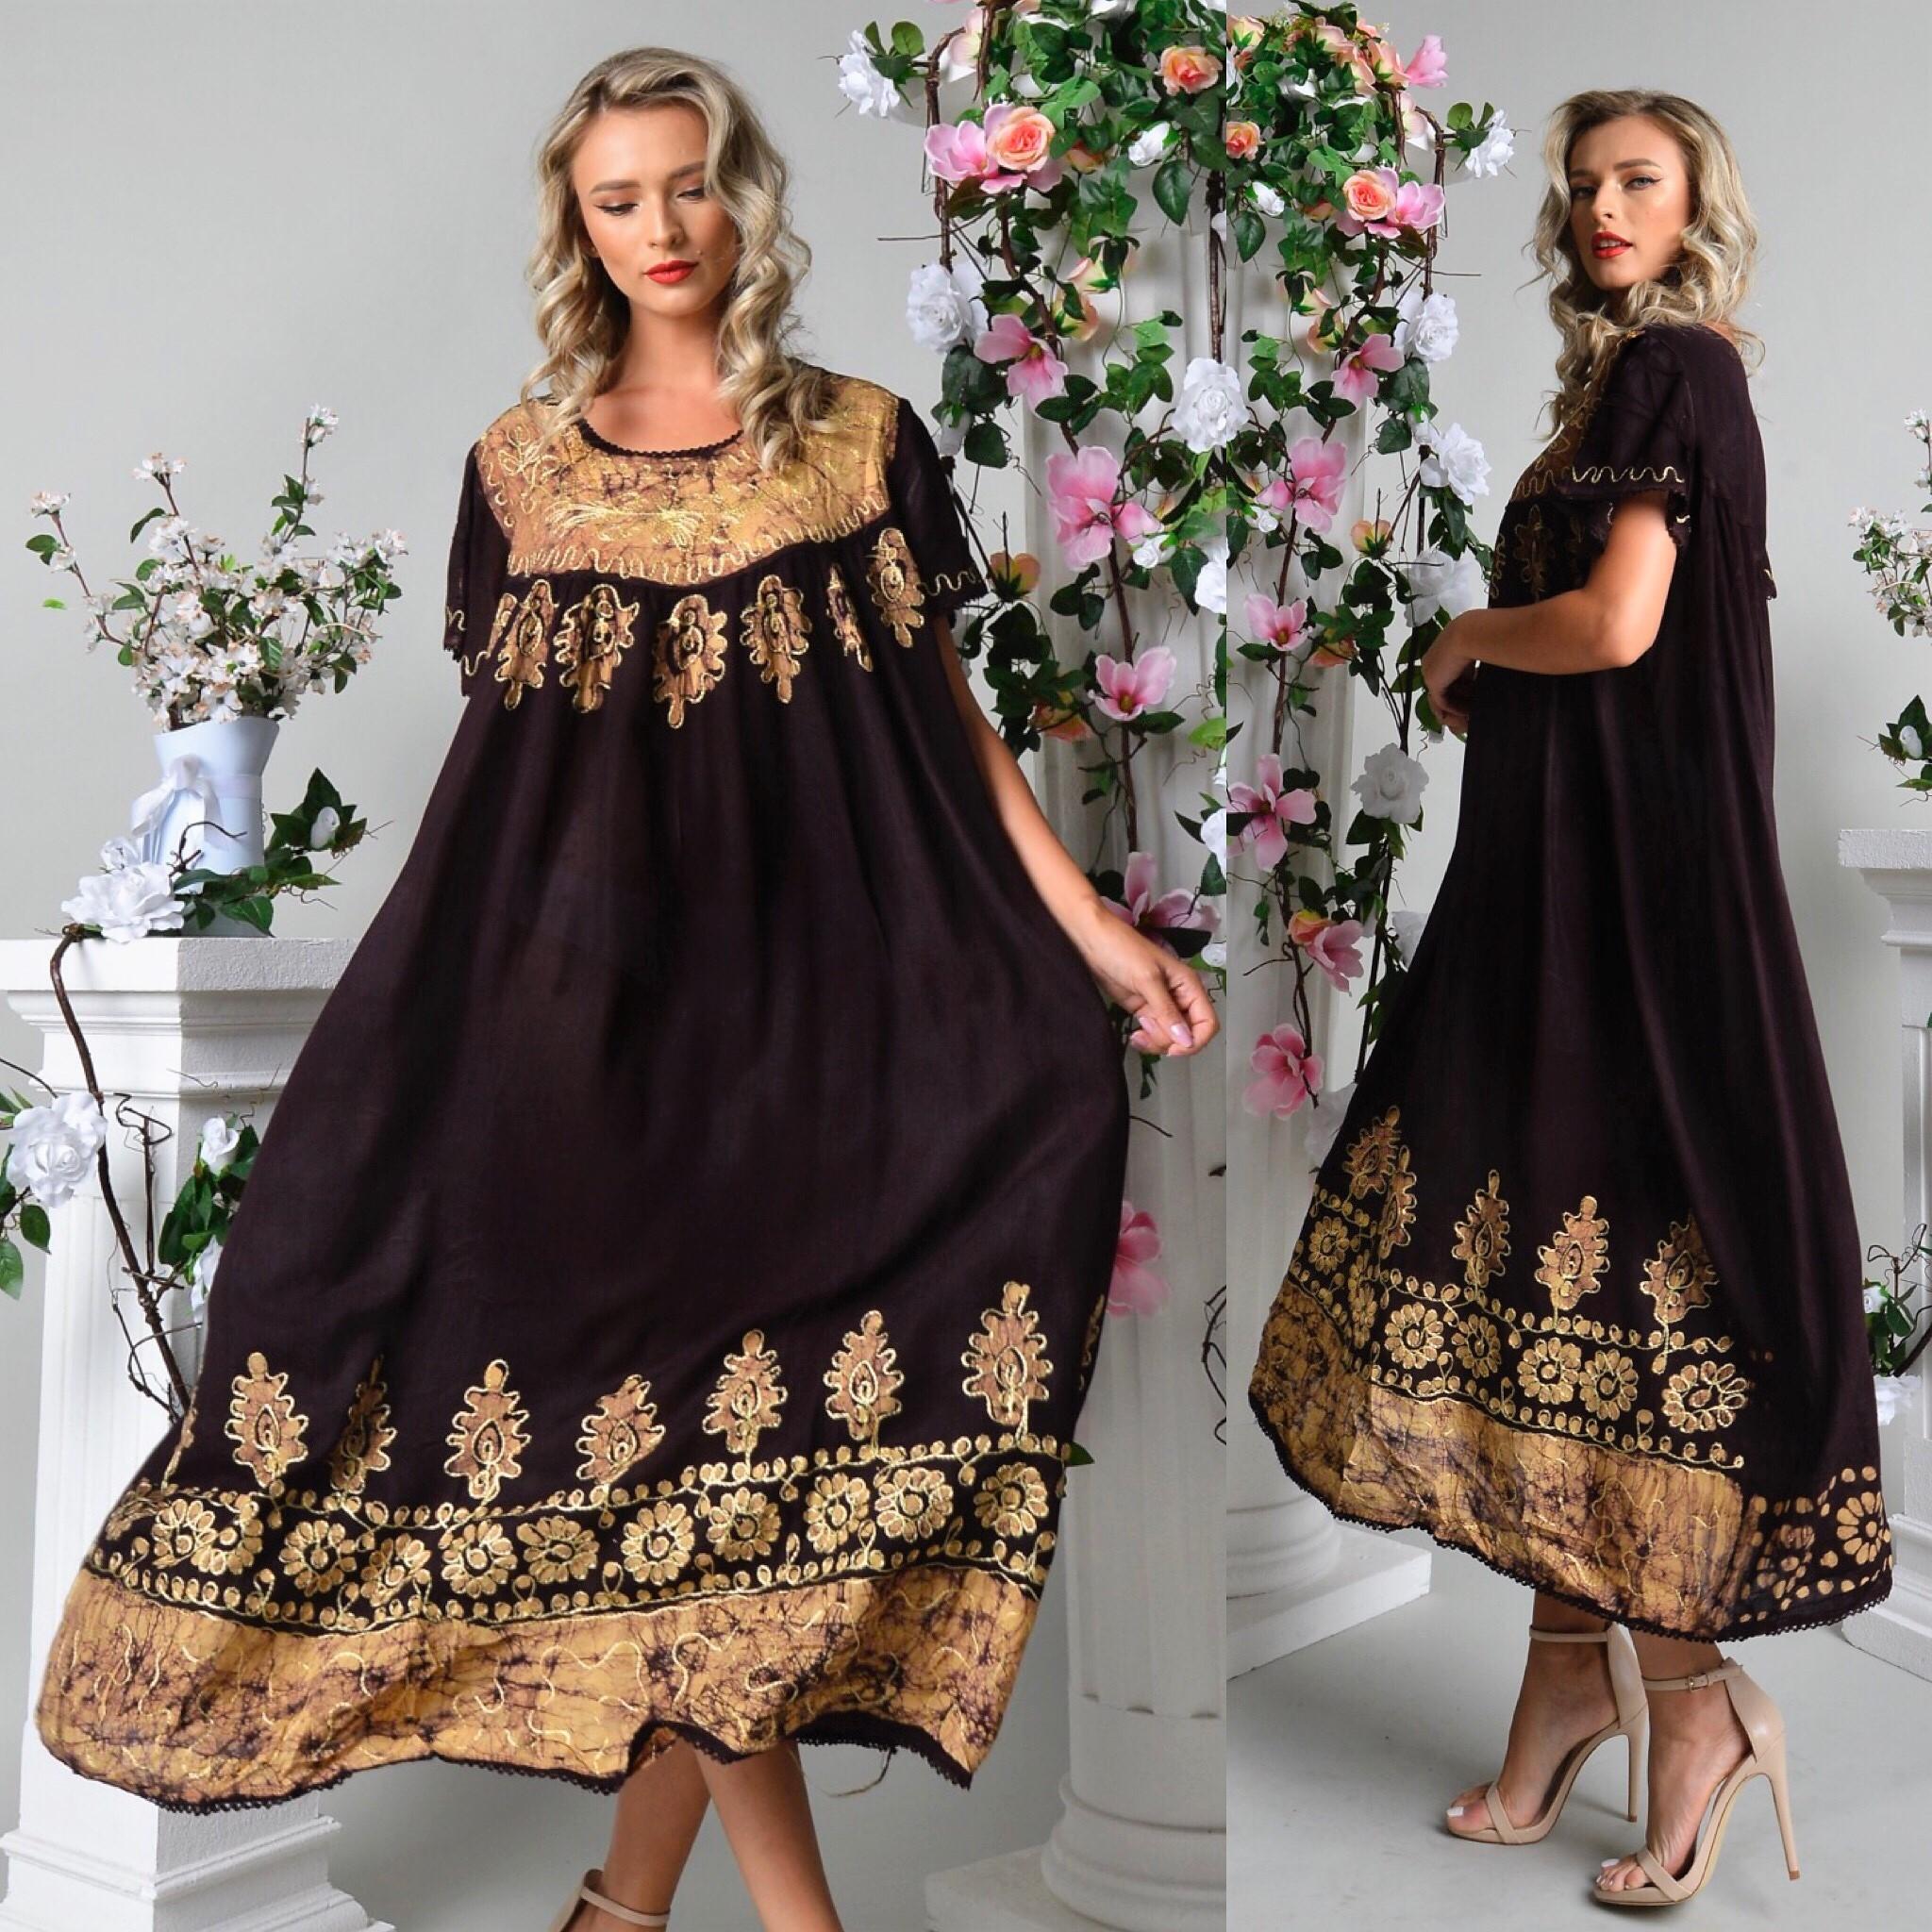 Rochie lunga cu imprimeu maro mustar si broderie